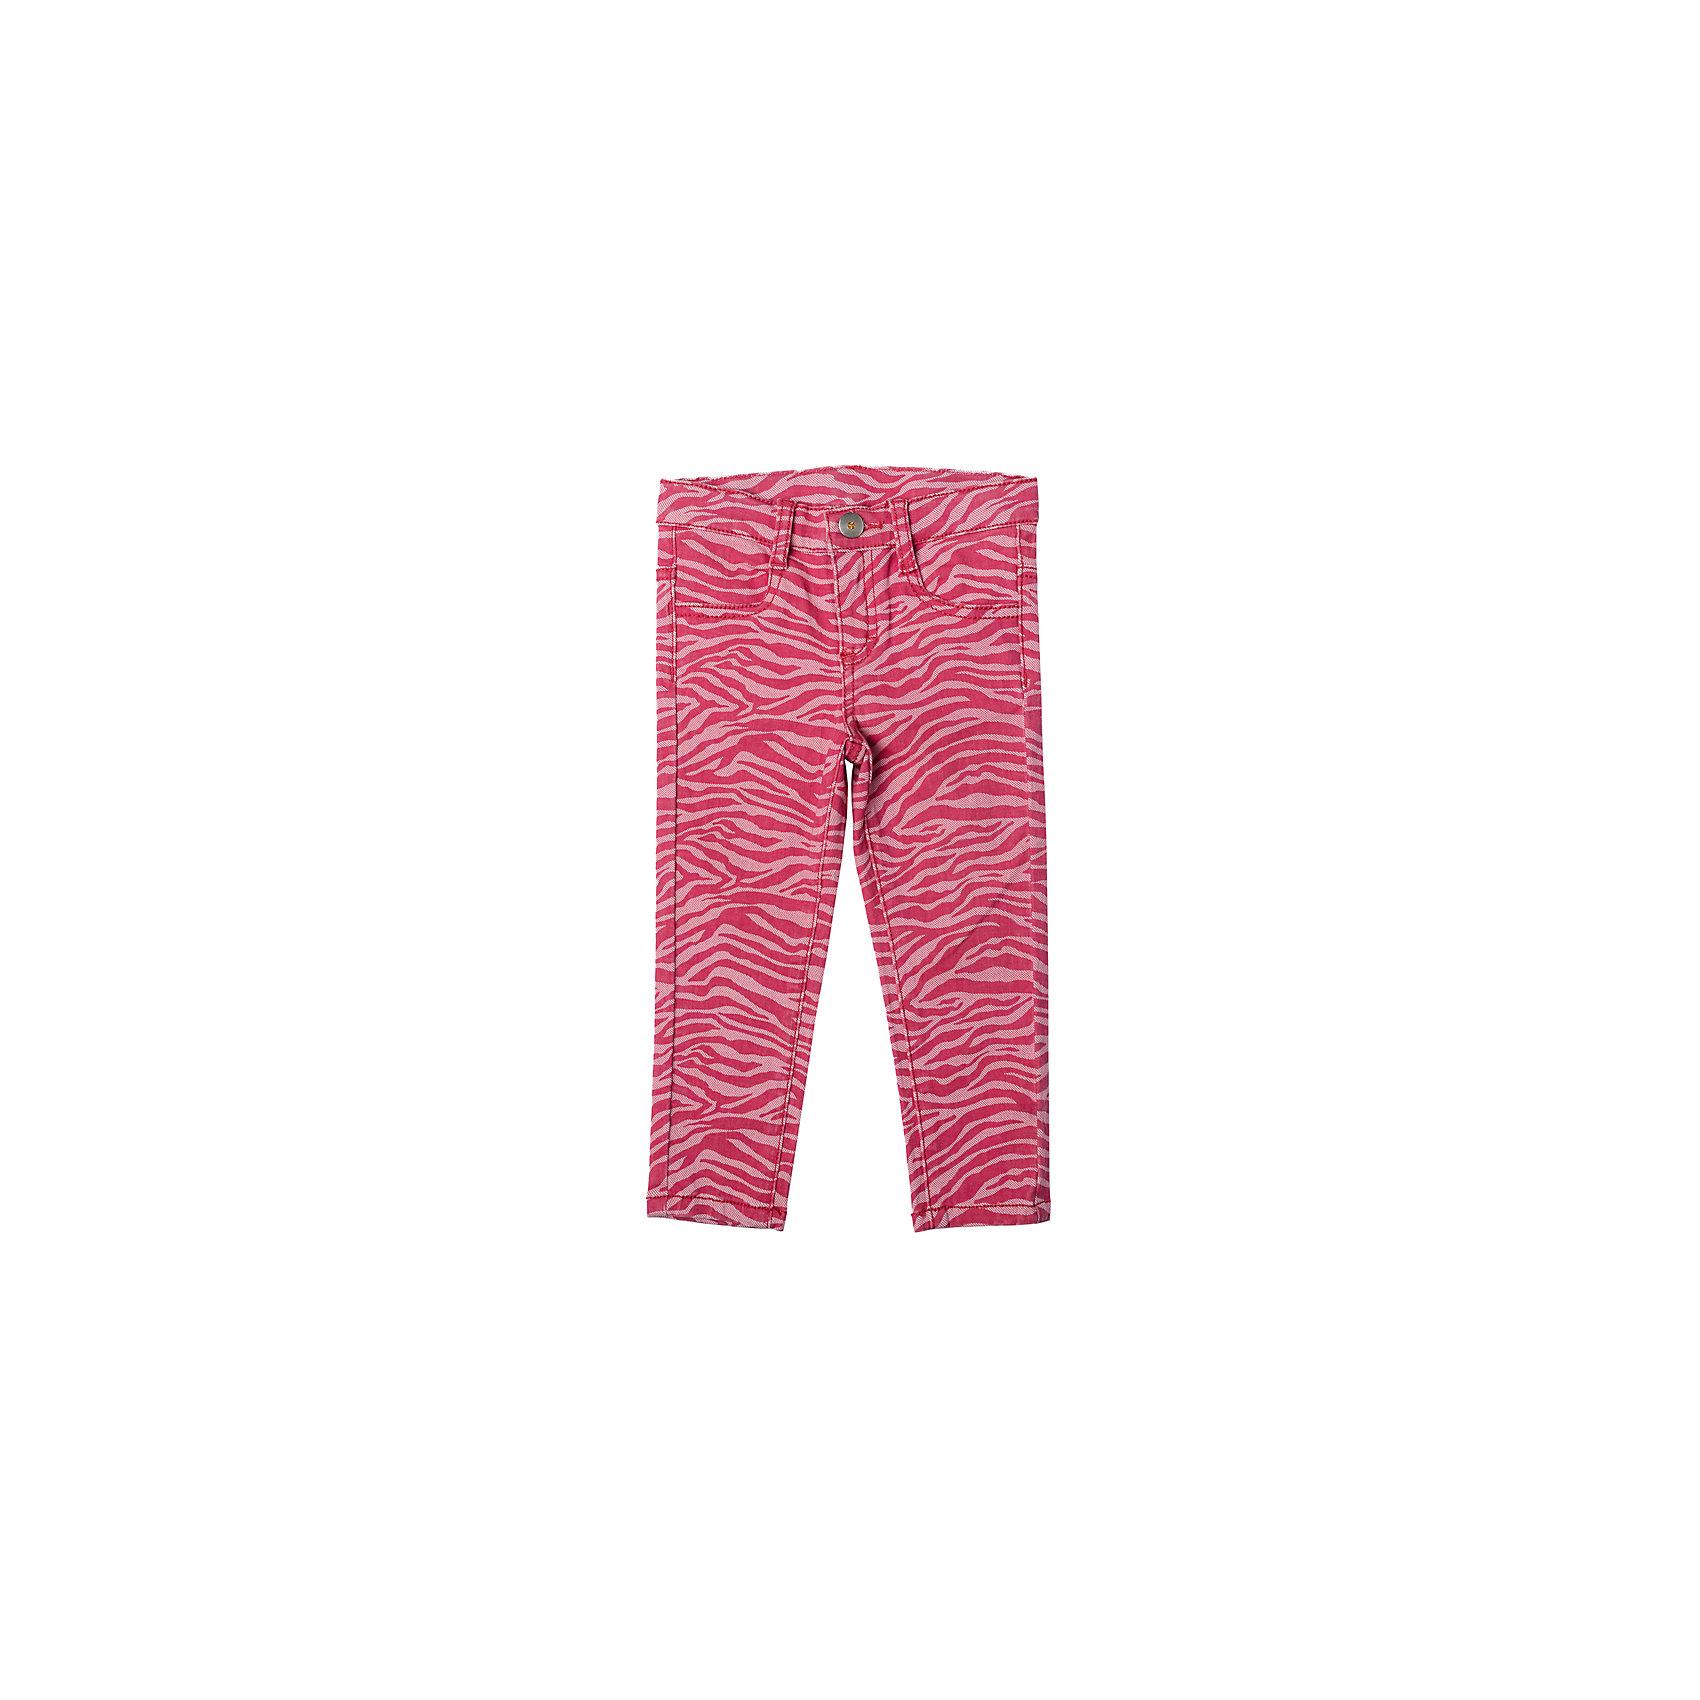 Джинсы для девочки PlayTodayДжинсовая одежда<br>Характеристики товара:<br><br>• цвет: розовый<br>• состав: 98% хлопок, 2% эластан<br>• шлевки<br>• качественный материал<br>• карманы <br>• принт<br>• комфортная посадка<br>• коллекция: весна-лето 2017<br>• страна бренда: Германия<br>• страна производства: Китай<br><br>Популярный бренд PlayToday выпустил новую коллекцию! Вещи из неё продолжают радовать покупателей удобством, стильным дизайном и продуманным кроем. Дети носят их с удовольствием. PlayToday - это линейка товаров, созданная специально для детей. Дизайнеры учитывают новые веяния моды и потребности детей. Порадуйте ребенка обновкой от проверенного производителя!<br>Эта модель обеспечит ребенку комфорт благодаря качественному материалу и удобному крою. С её помощью можно сделать интересный акцент в образе, дополнить наряд и одеться по погоде. Очень модная вещь! Выглядит стильно и аккуратно.<br><br>Джинсы для девочки от известного бренда Scool можно купить в нашем интернет-магазине.<br><br>Ширина мм: 215<br>Глубина мм: 88<br>Высота мм: 191<br>Вес г: 336<br>Цвет: белый<br>Возраст от месяцев: 6<br>Возраст до месяцев: 9<br>Пол: Женский<br>Возраст: Детский<br>Размер: 74,92,86,80<br>SKU: 5408109